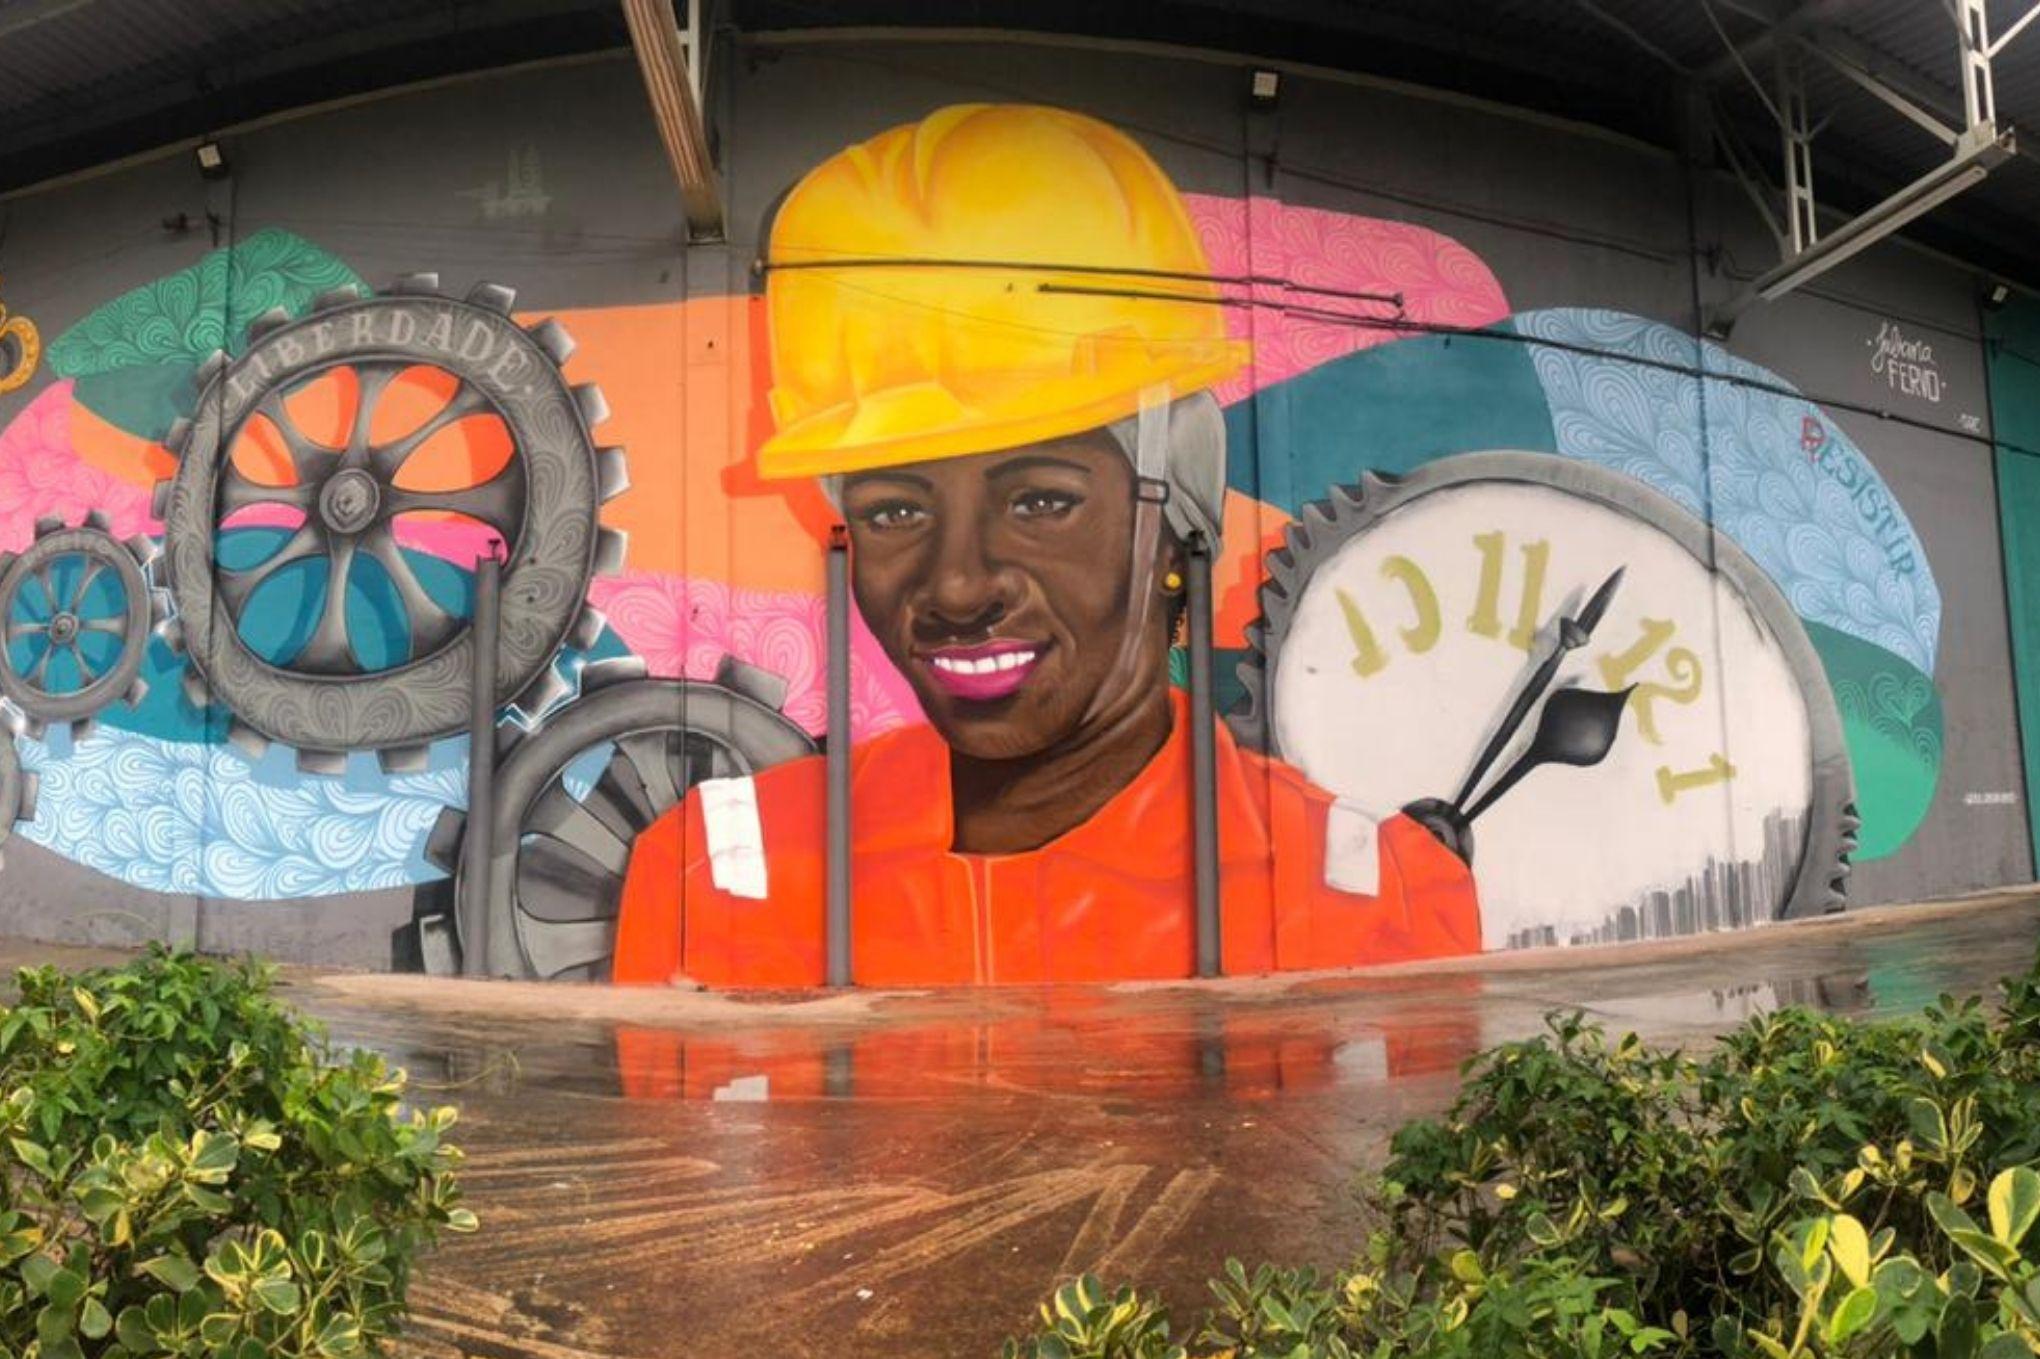 Arte em grafite mostra uma mulher negra que trabalha no setor petrolífero.